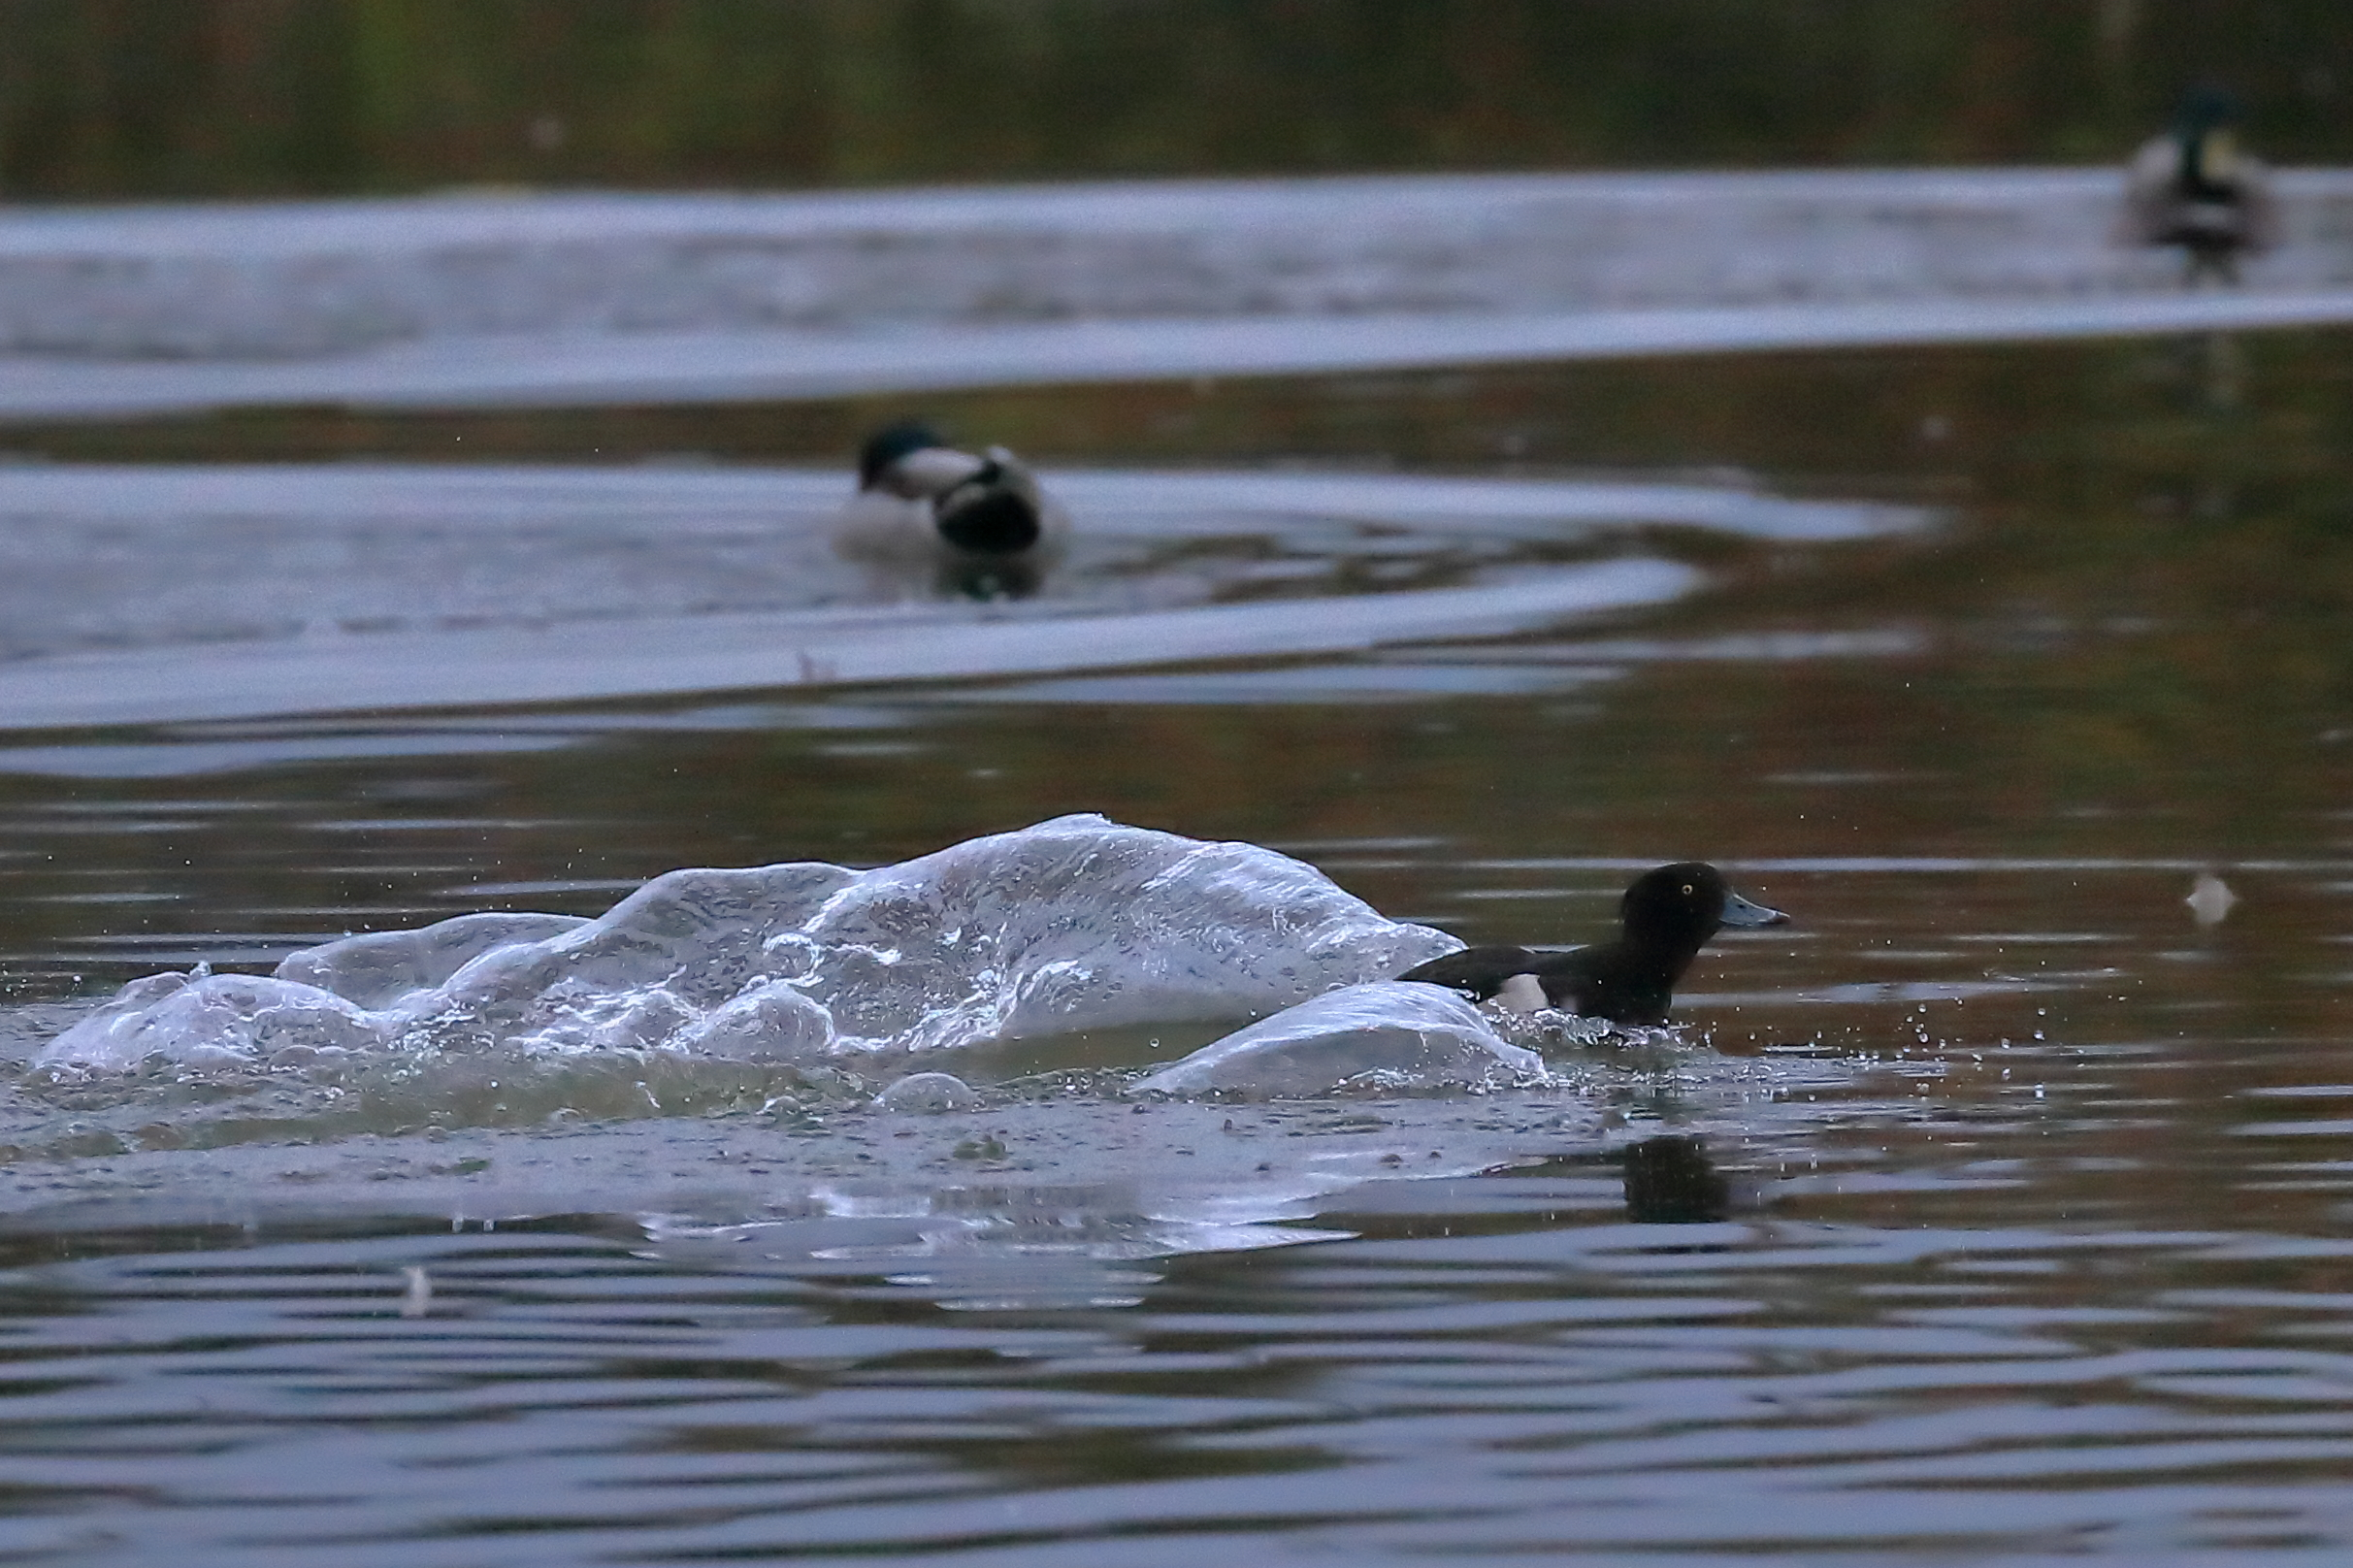 Splash....in I come.......